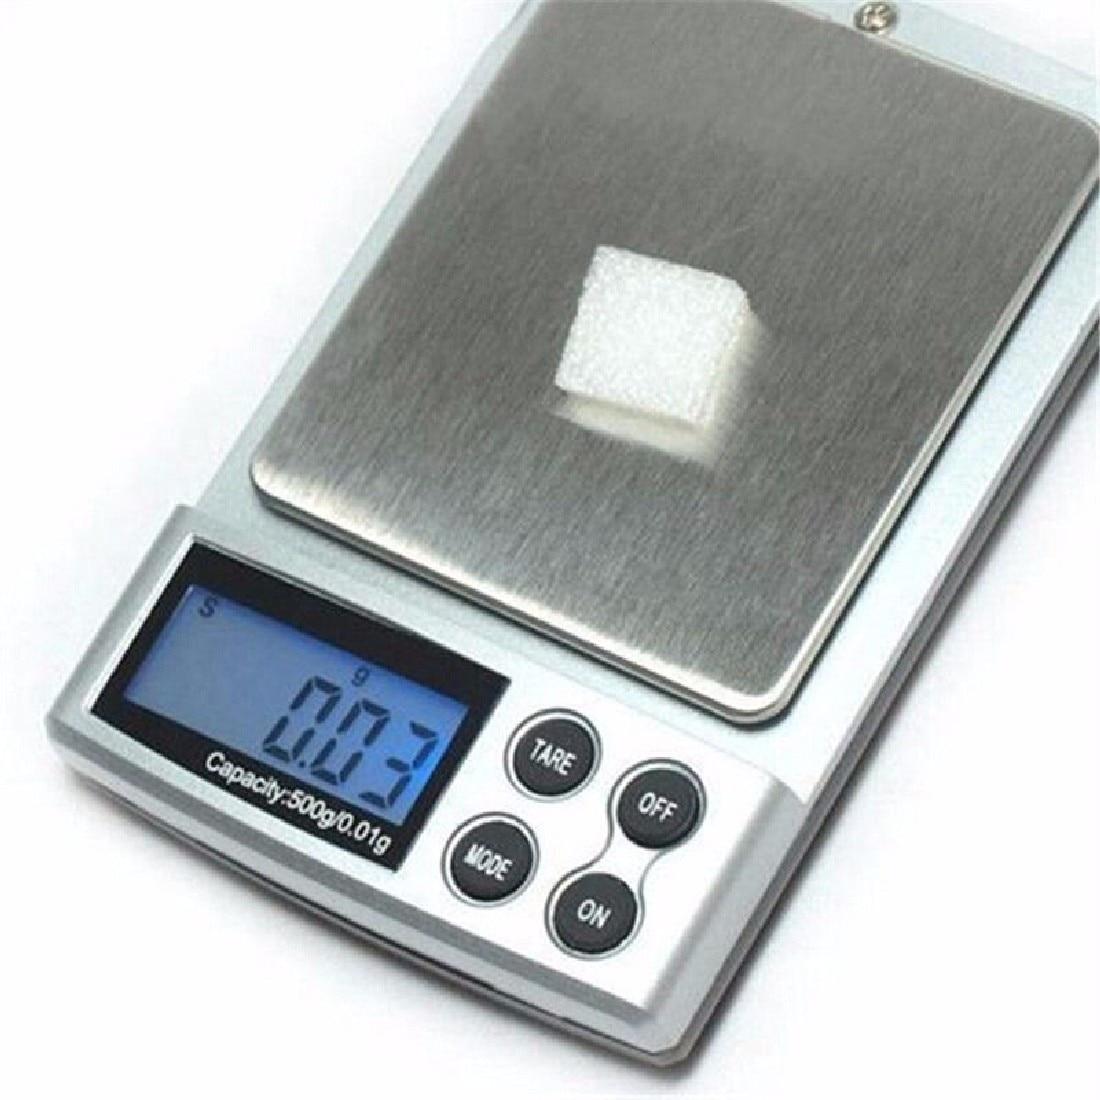 1pc 500g x 0,01g Bilancia digitale di precisione Bilance pesapersone bilance in oro argento Unità display LCD Bilance elettroniche tascabili